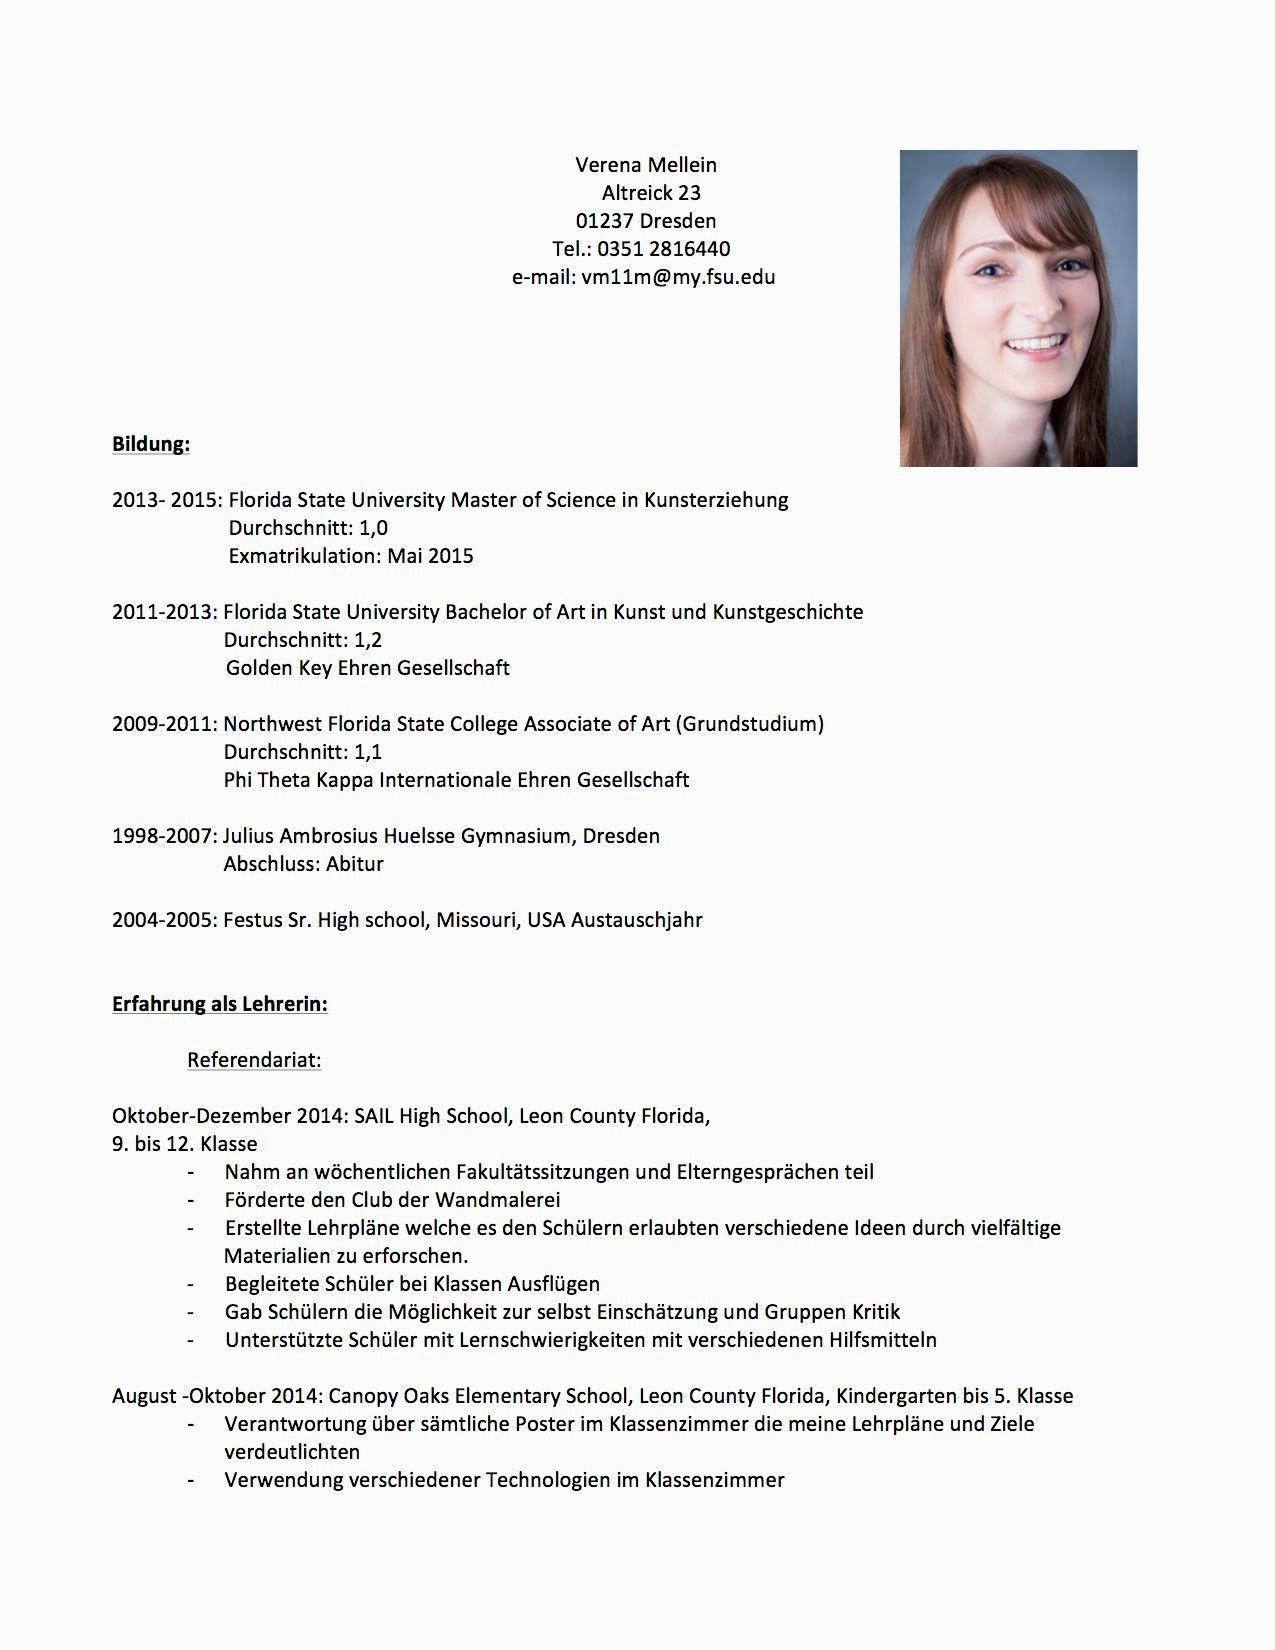 Lebenslauf Lehrer Englisch In 2020 Lebenslauf Lehrer Englisch Vorlagen Lebenslauf